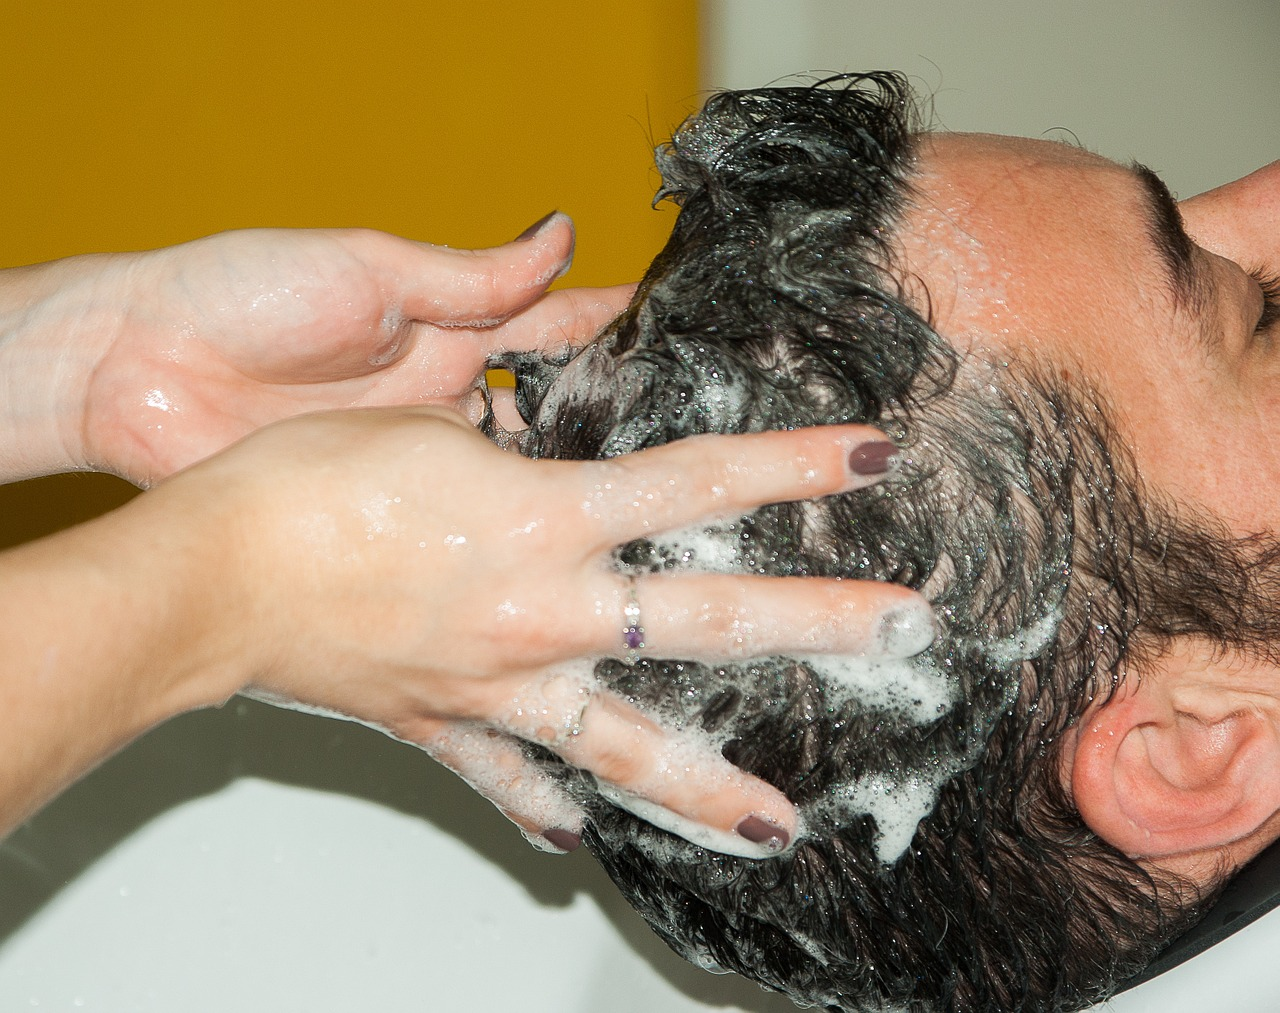 hogyan lehet eltávolítani a pikkelysömör fejbőrt vörös foltok jelentek meg és viszkettek a férfiaknál